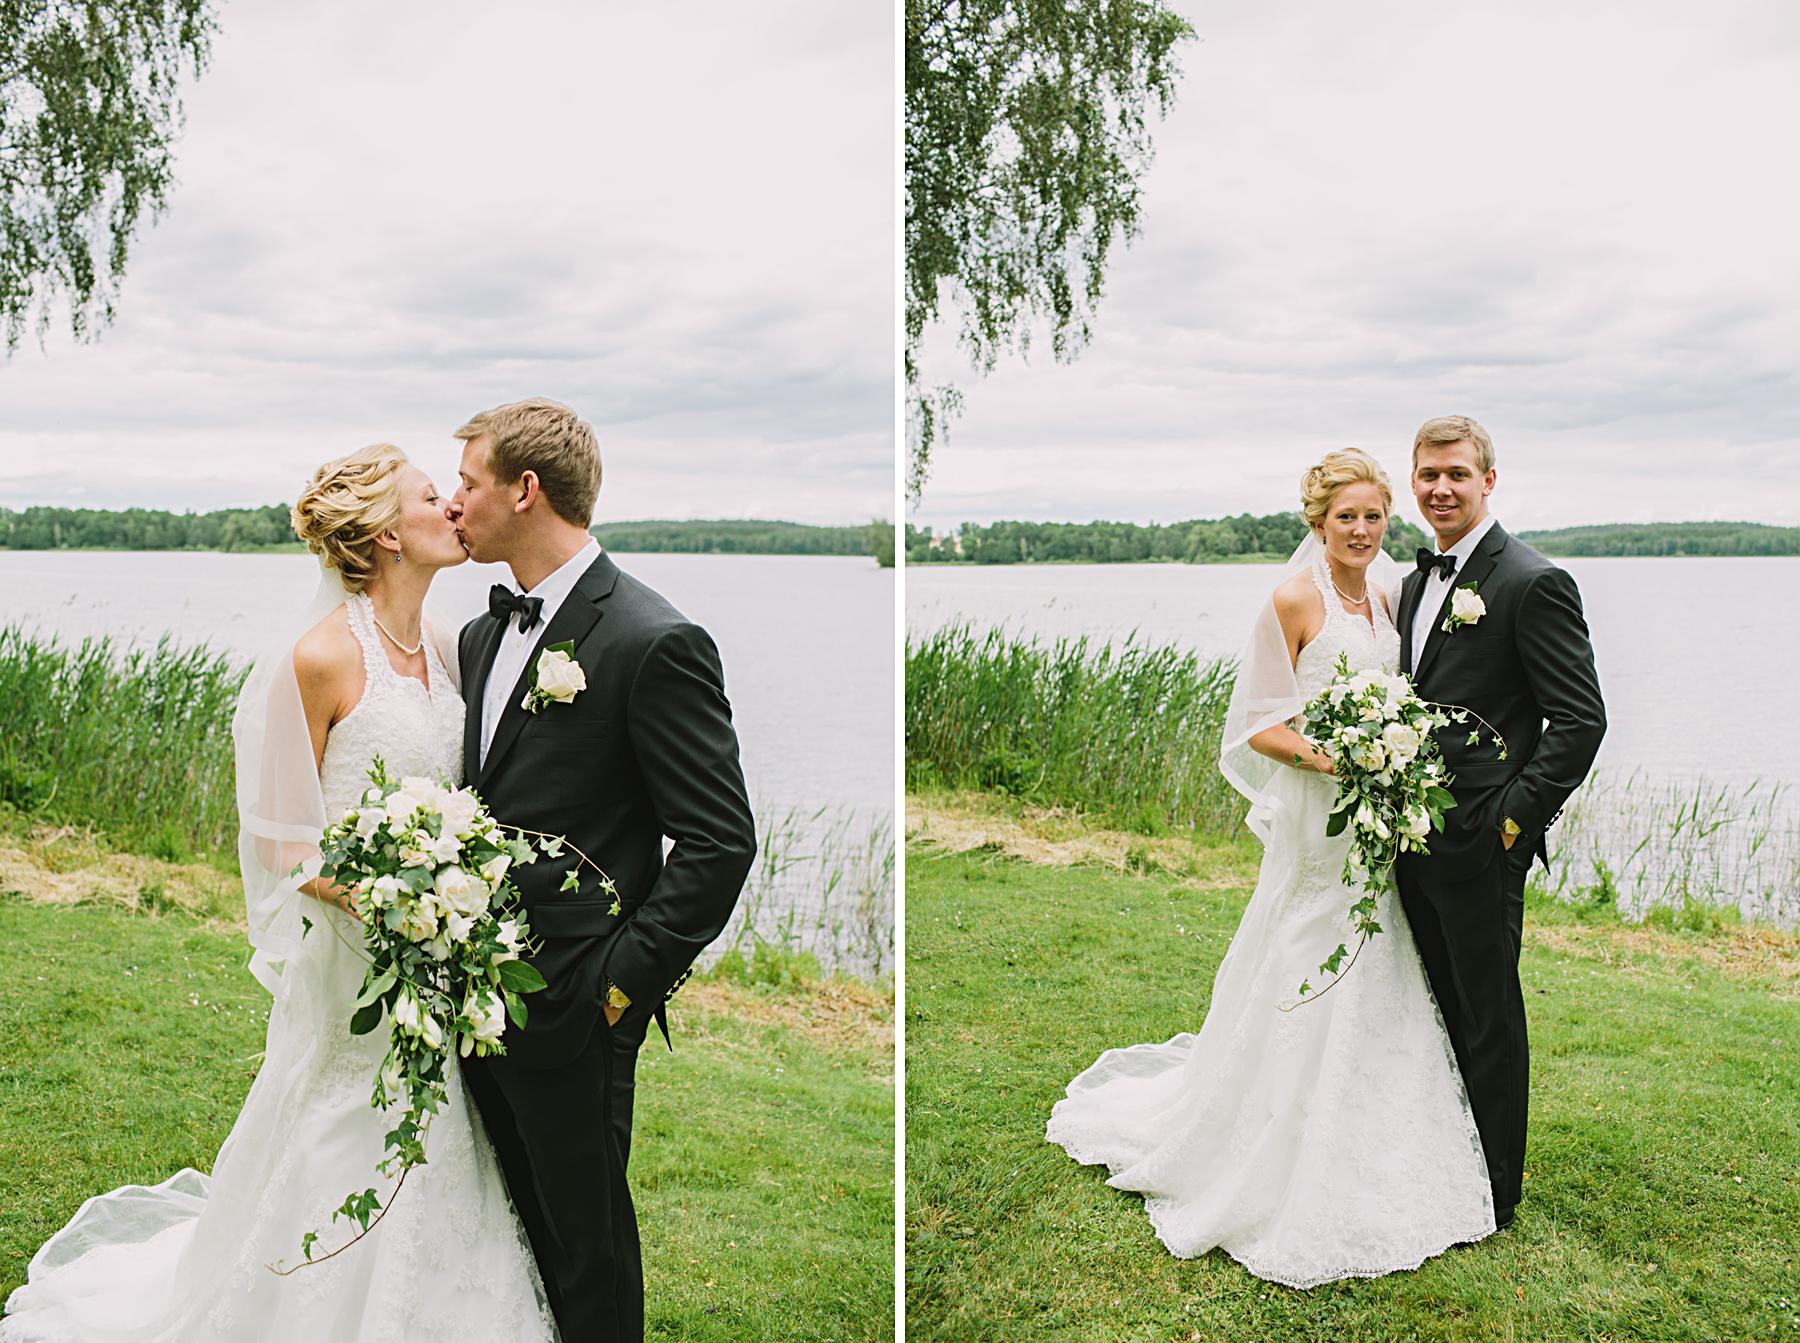 Bröllopsporträtt vid Frösjön